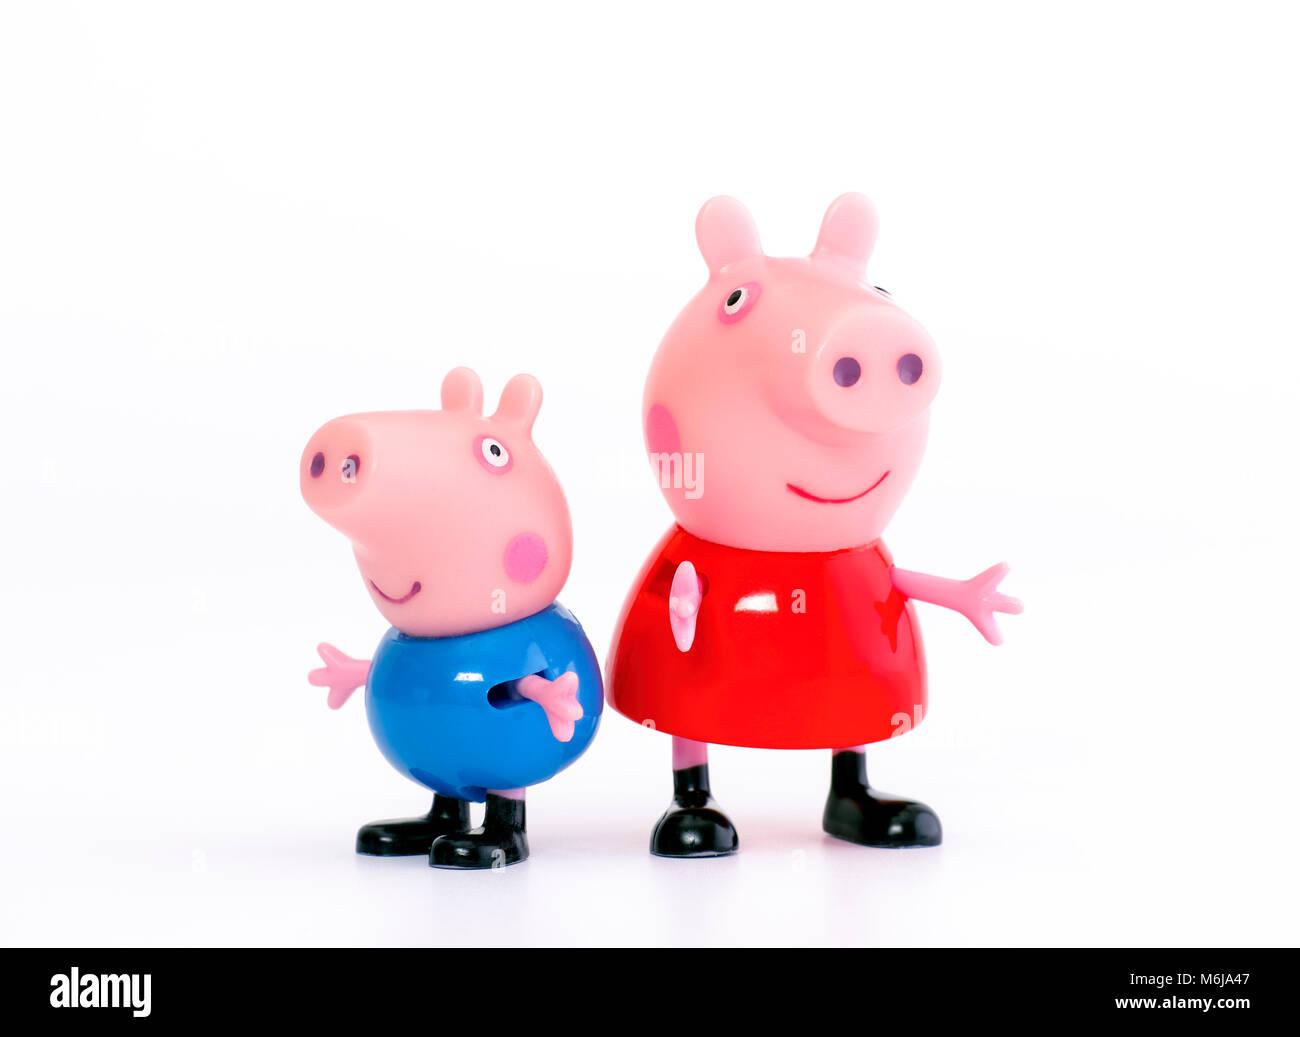 Personaje De Peppa Pig Imagenes De Stock Personaje De Peppa Pig